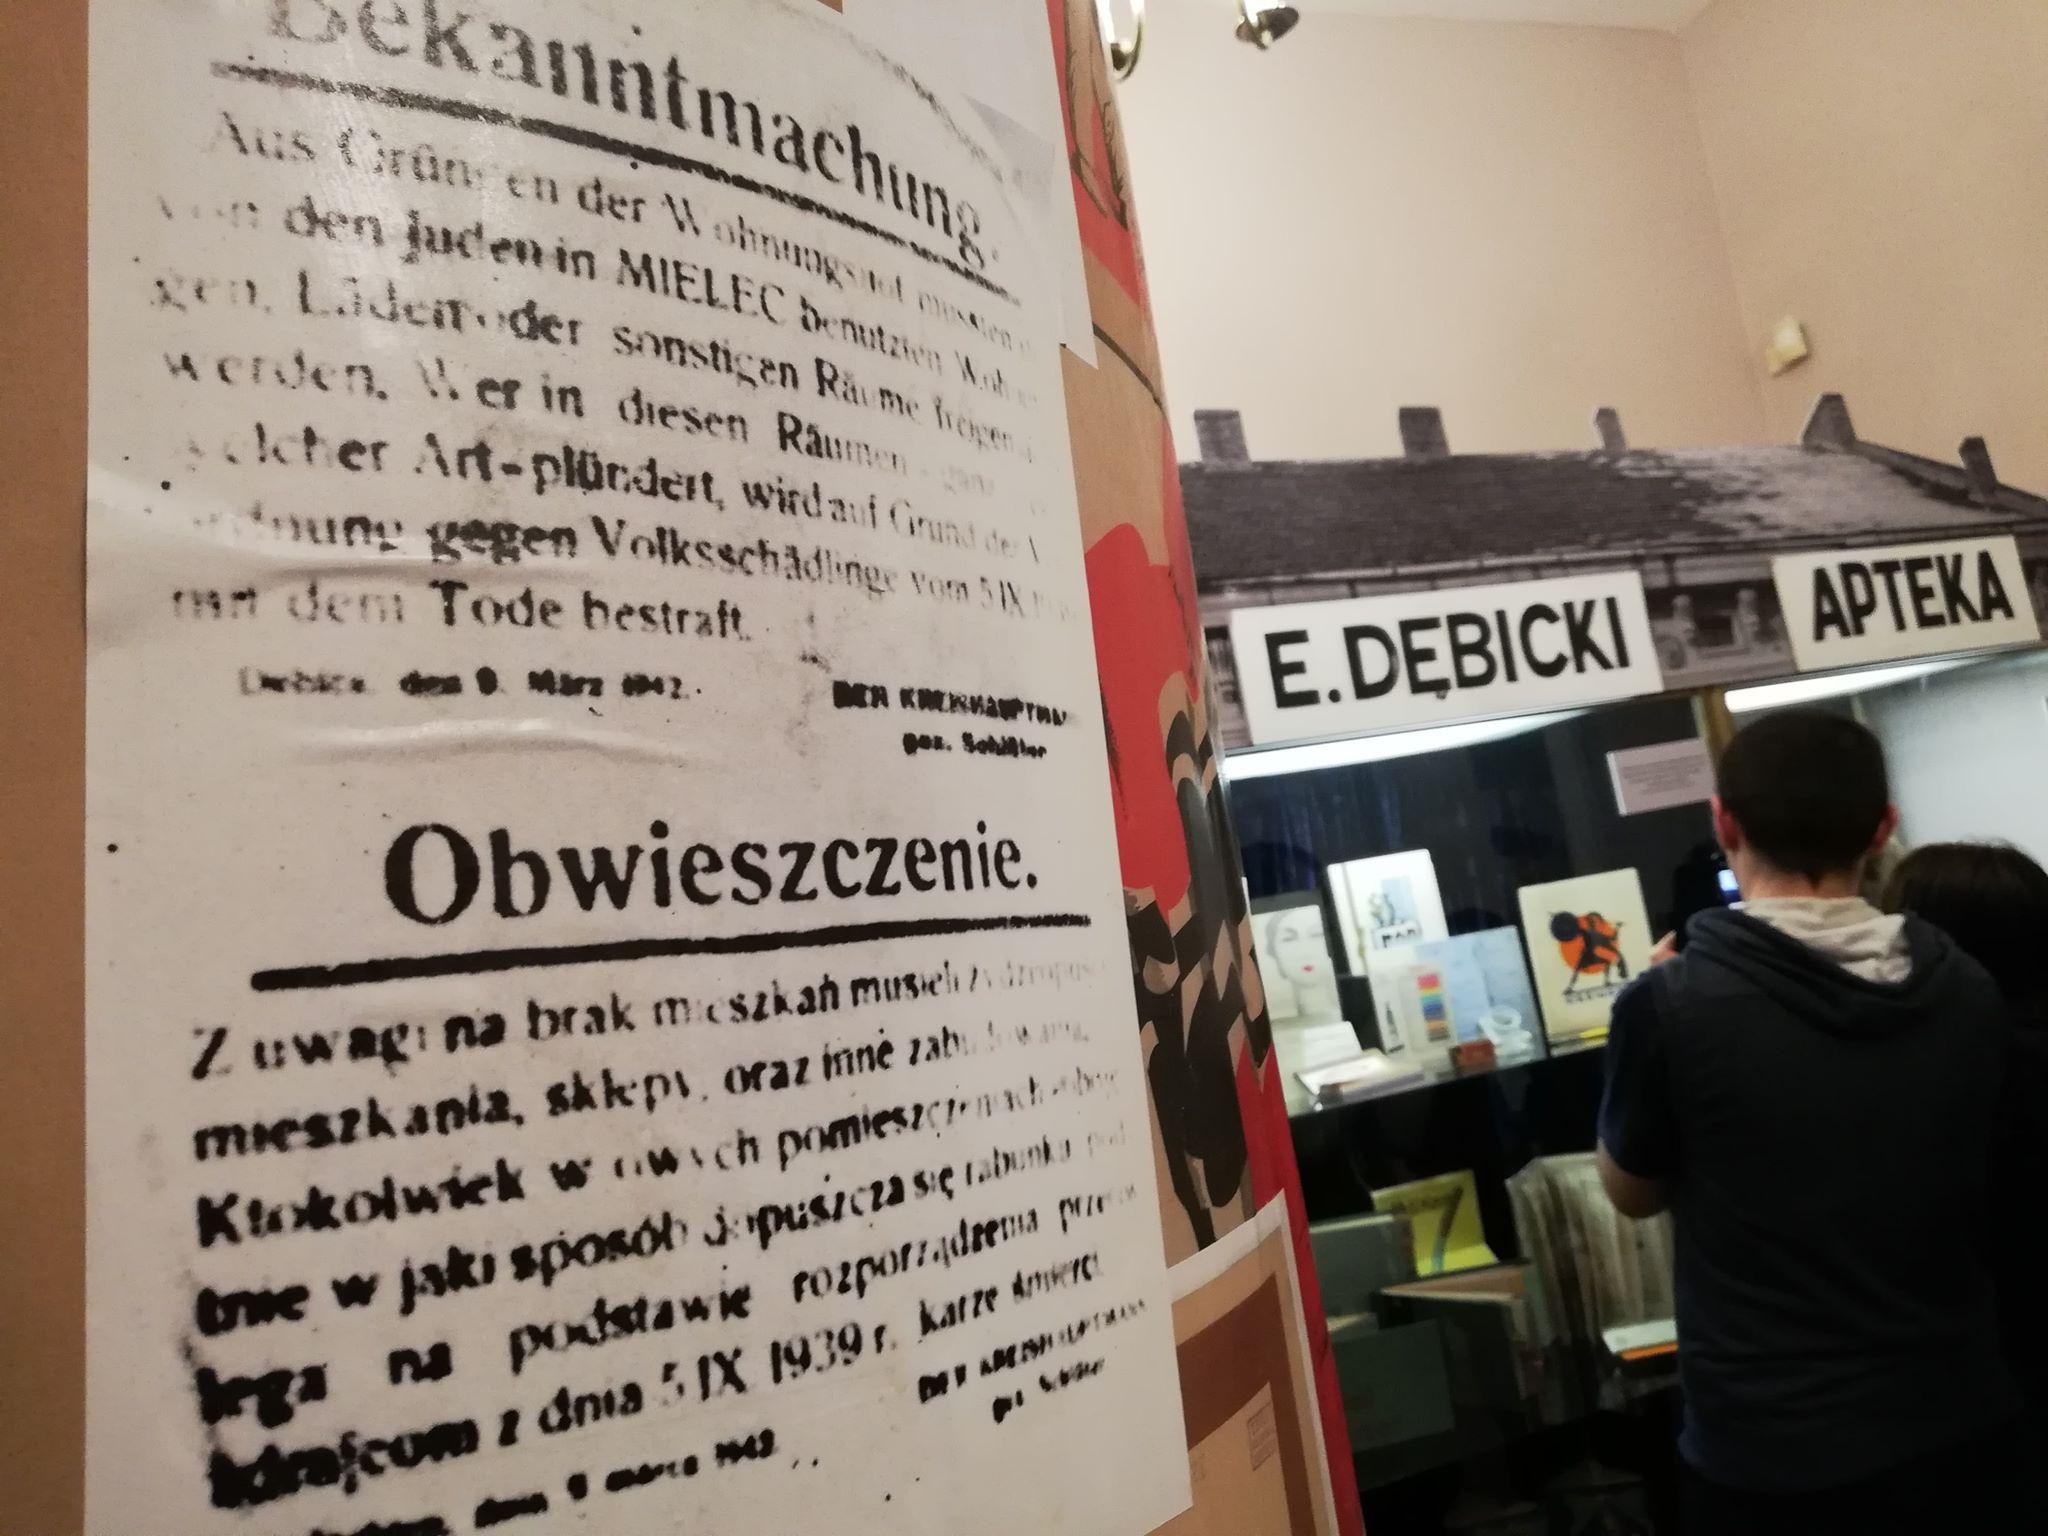 Muzeum w Pałacyku zaprasza na wystawę i opowieści o czasach II Wojny Światowej [VIDEO] - Zdjęcie główne